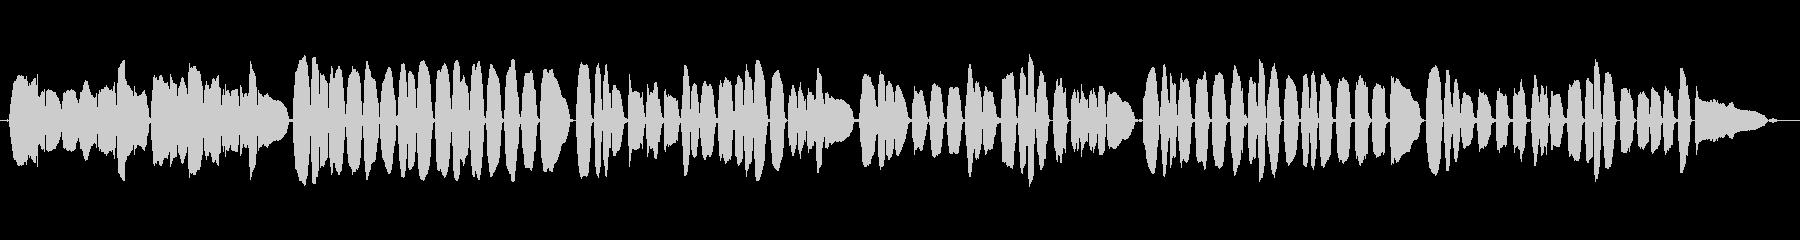 「むすんでひらいて」をヴァイオリンでの未再生の波形